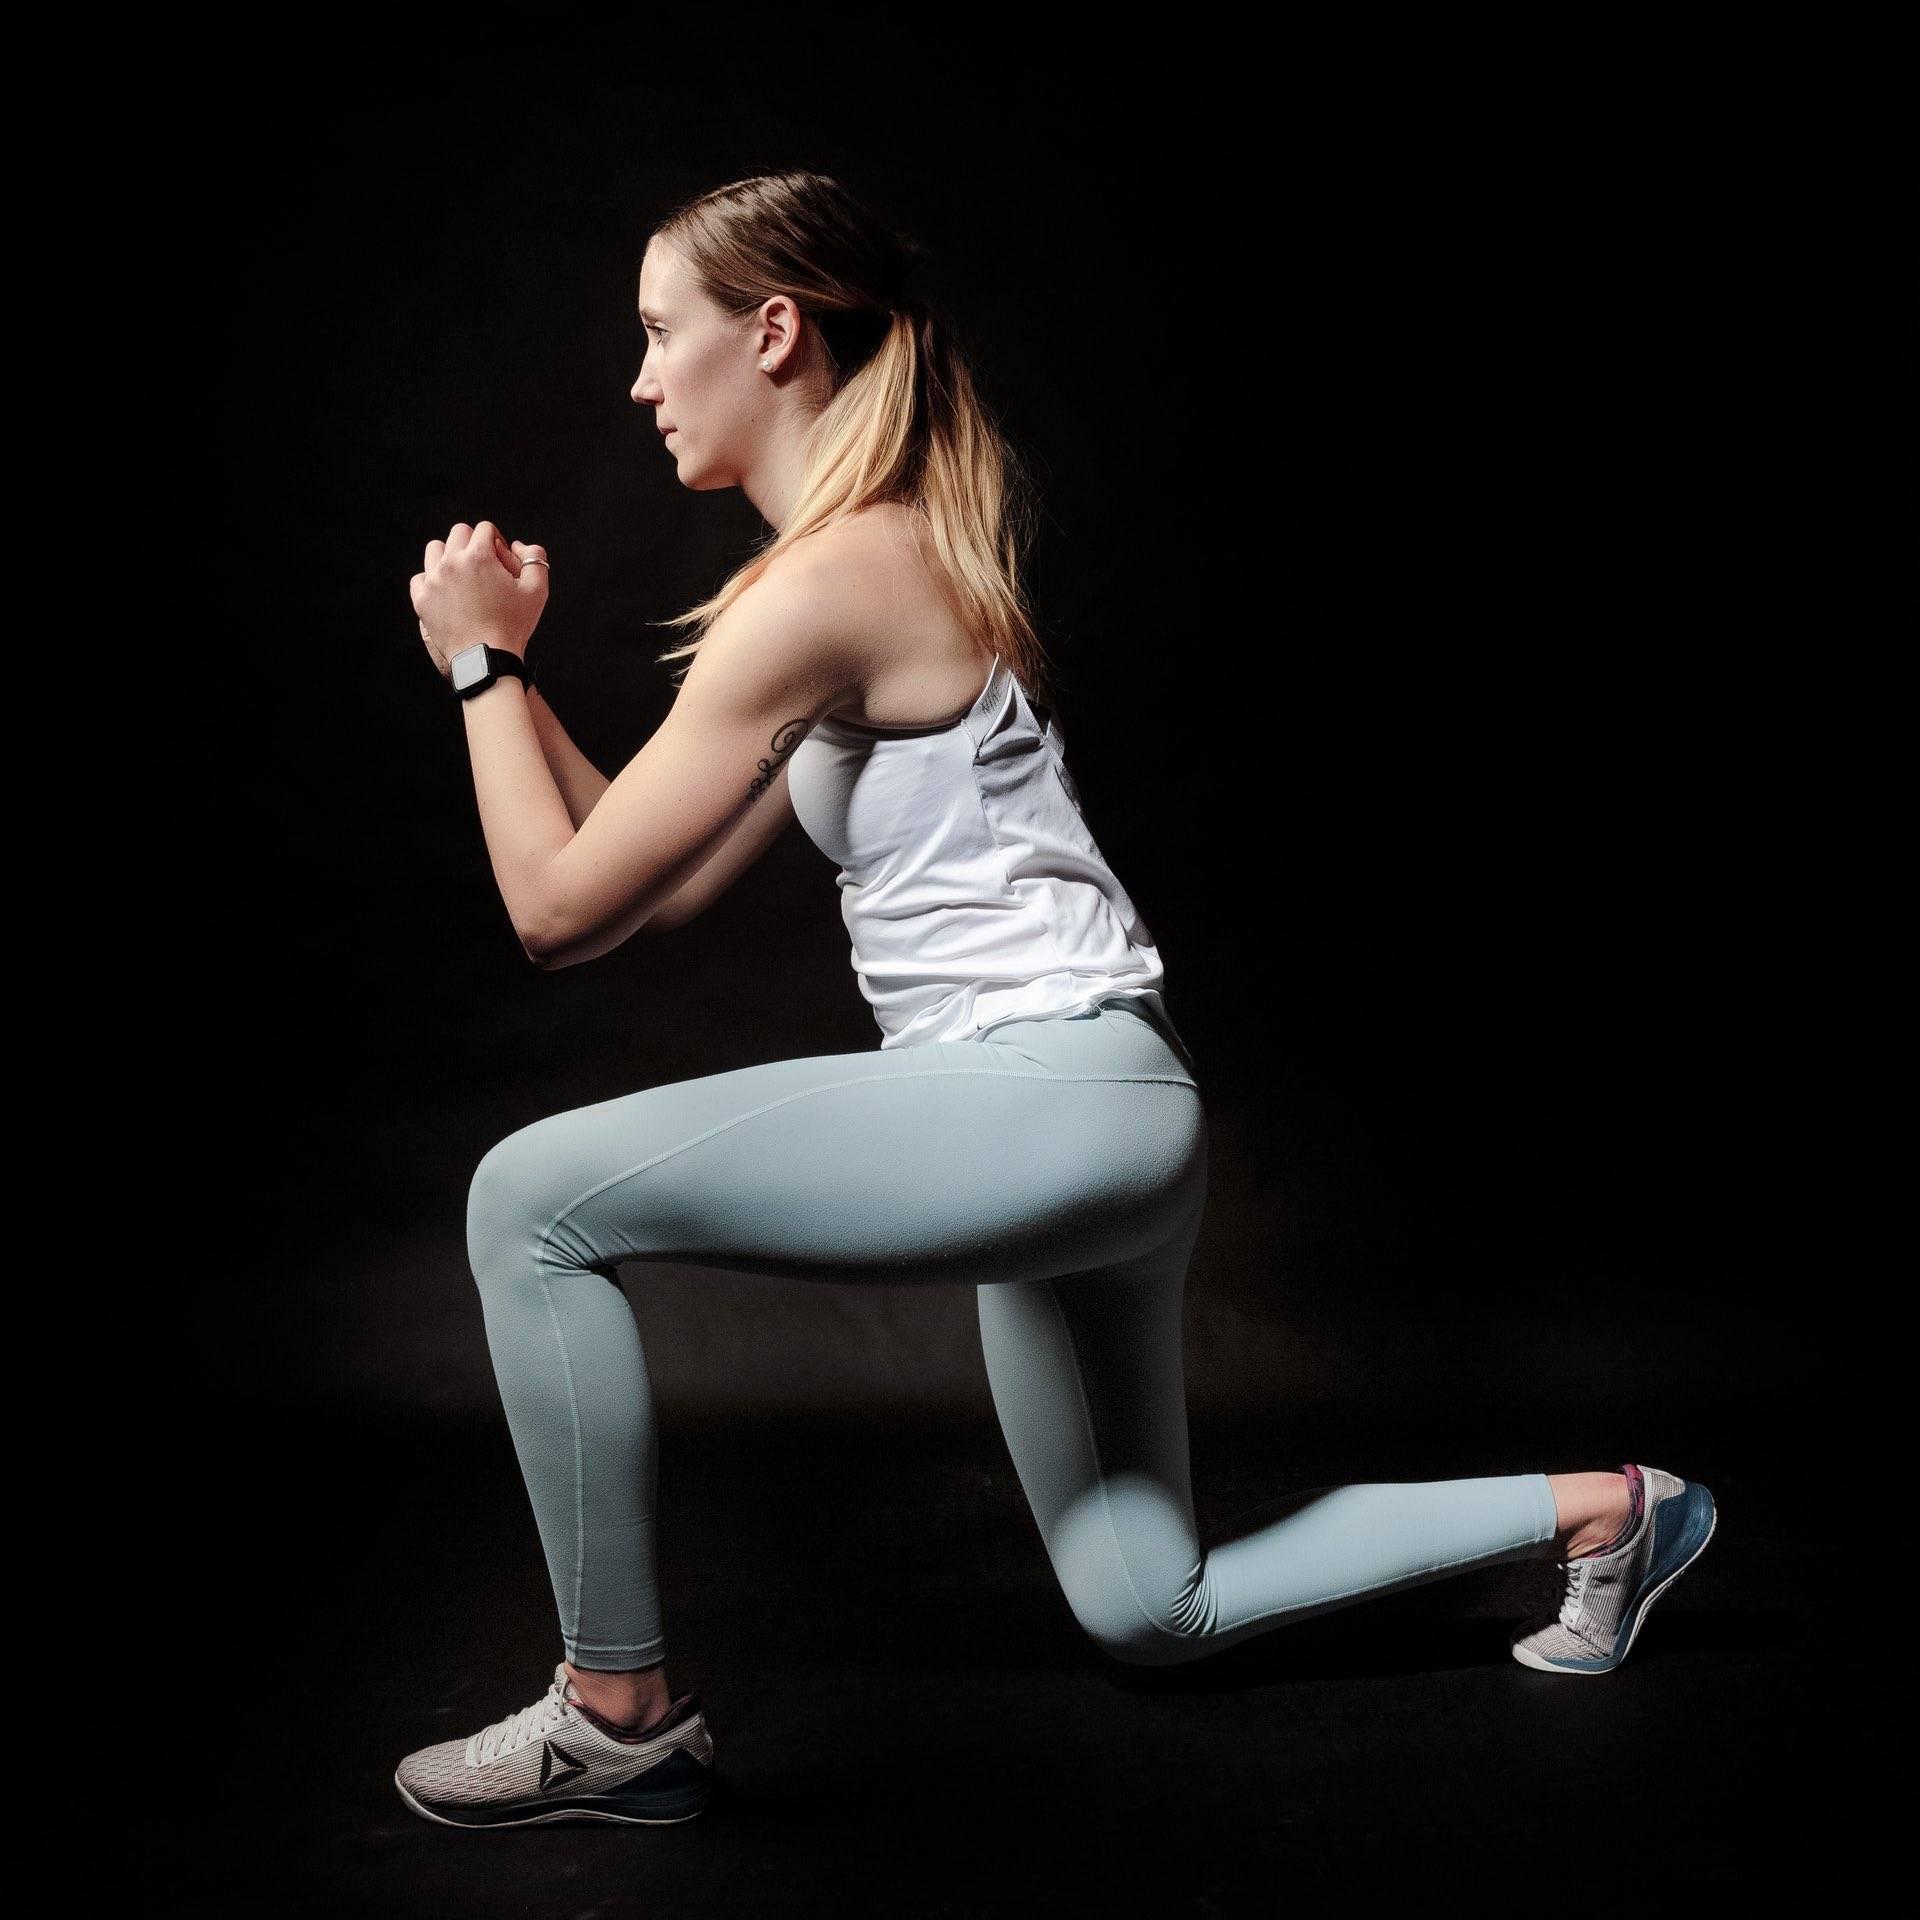 Female runner doing lunges in the dark